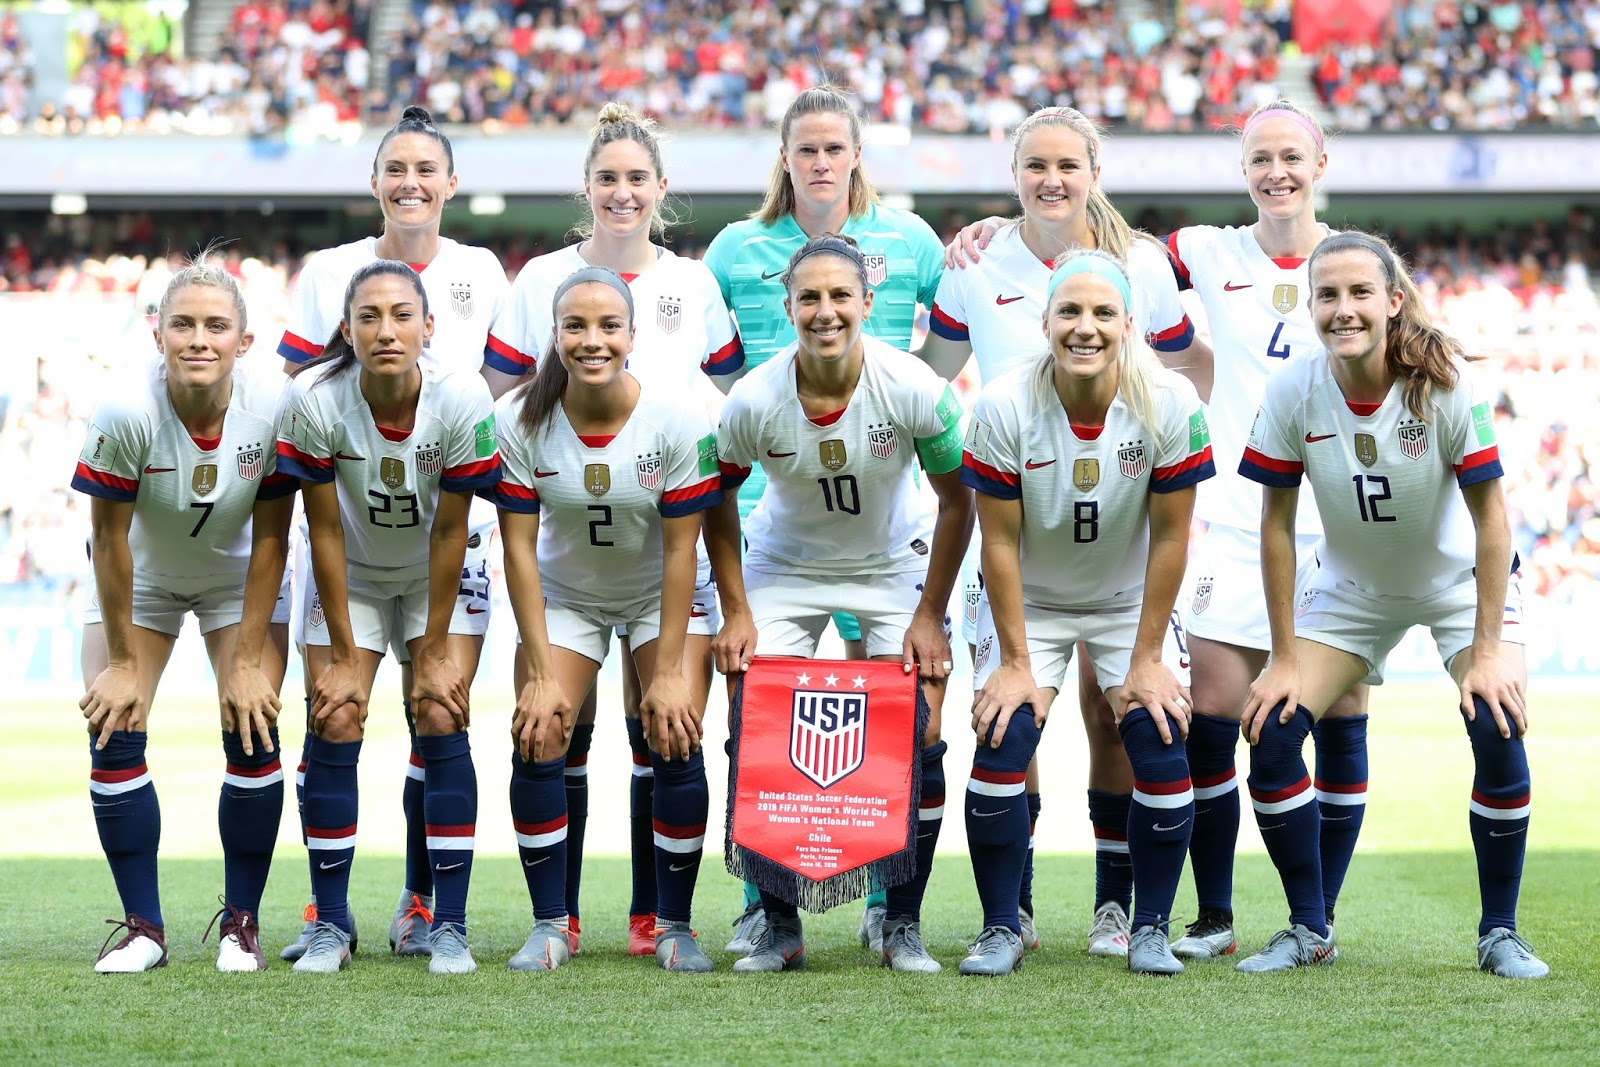 Formación de selección de Estados Unidos ante Chile, Copa Mundial Femenina de Fútbol Francia 2019, 16 de junio